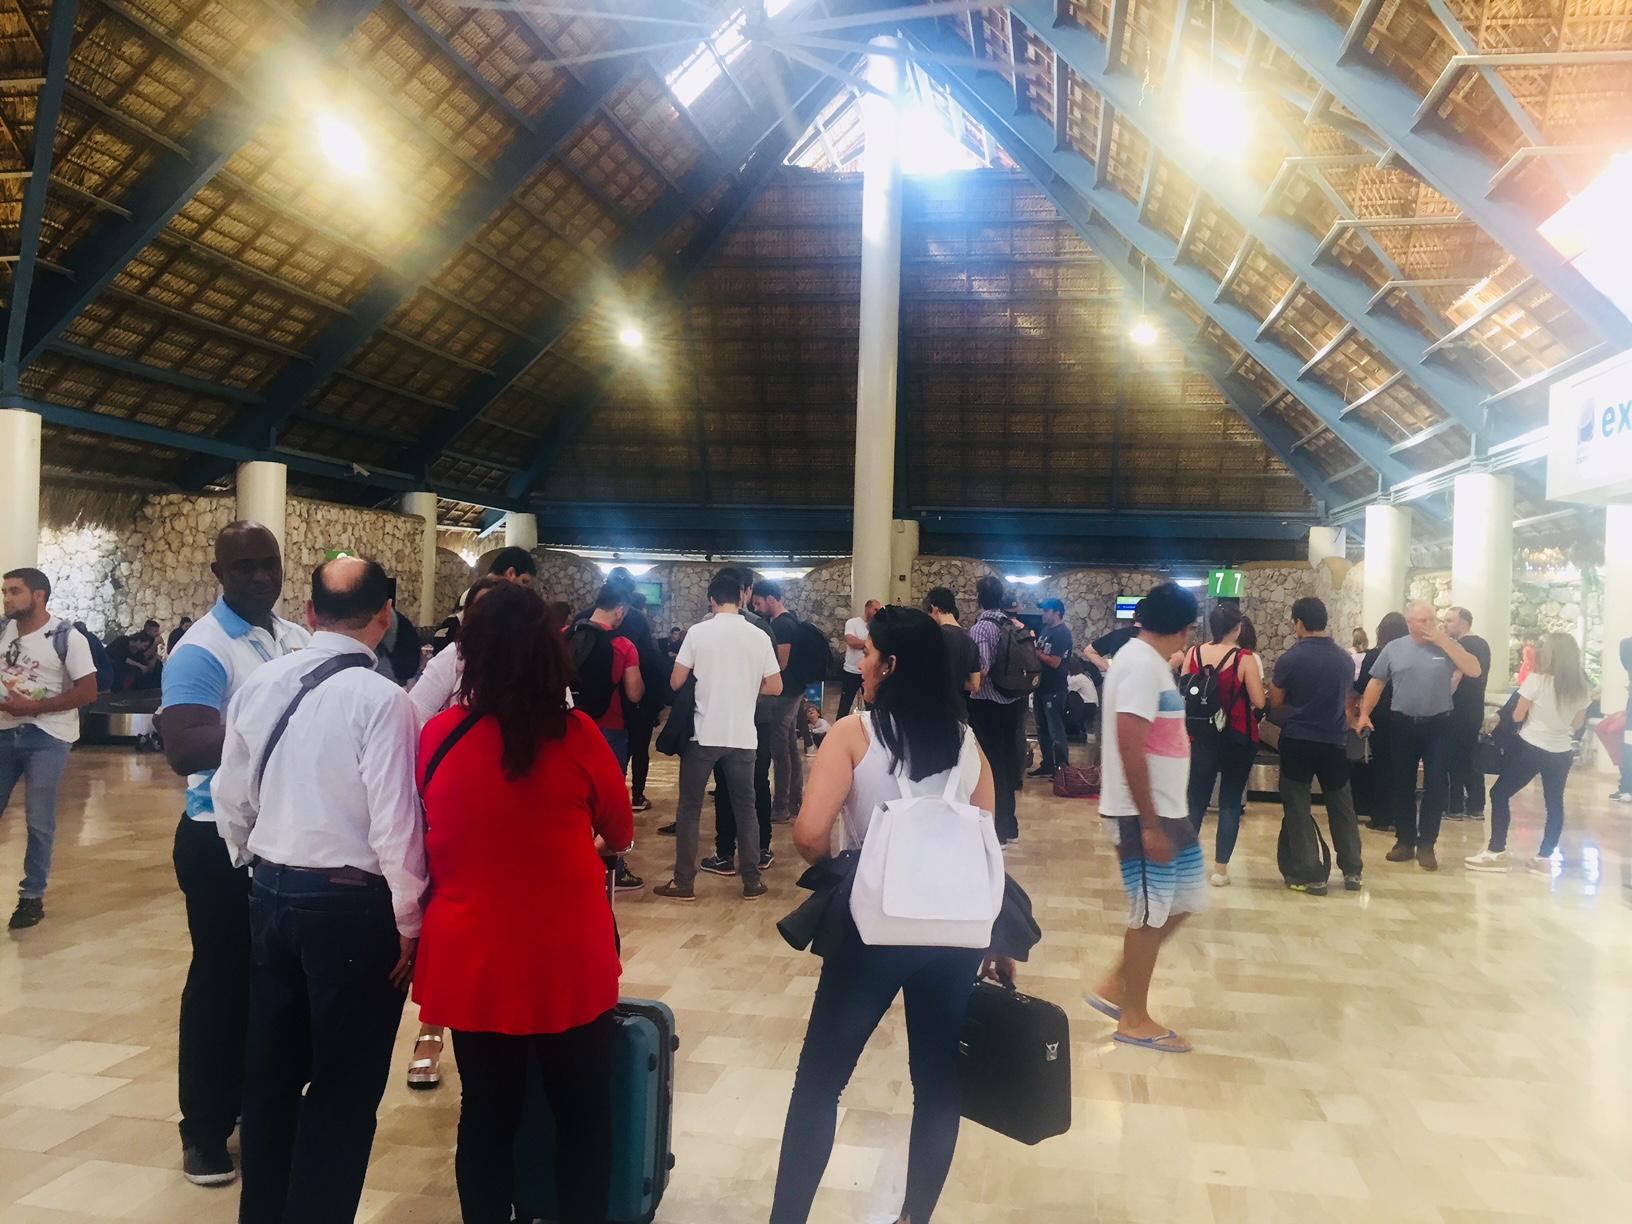 IDAC: En estos momentos corresponde al Min. de Salud autorizar permisos de ingreso a Rep. Dominicana